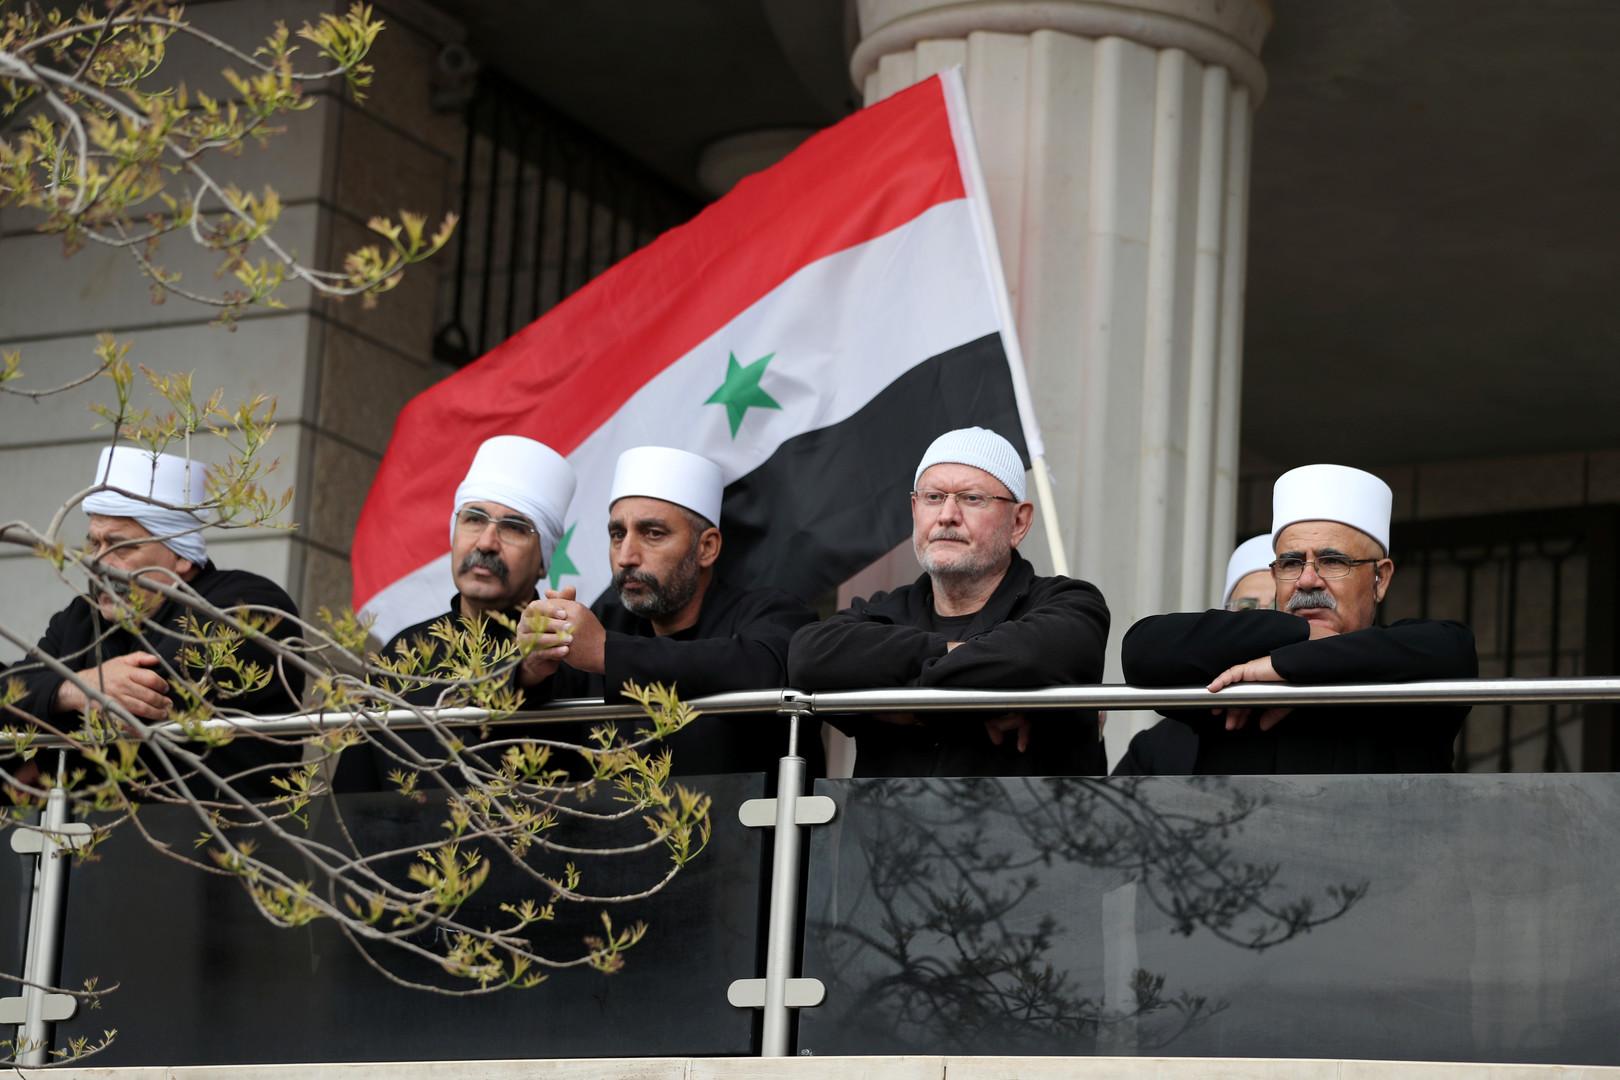 أهالي الجولان يتظاهرون- صورة من الأرشيف